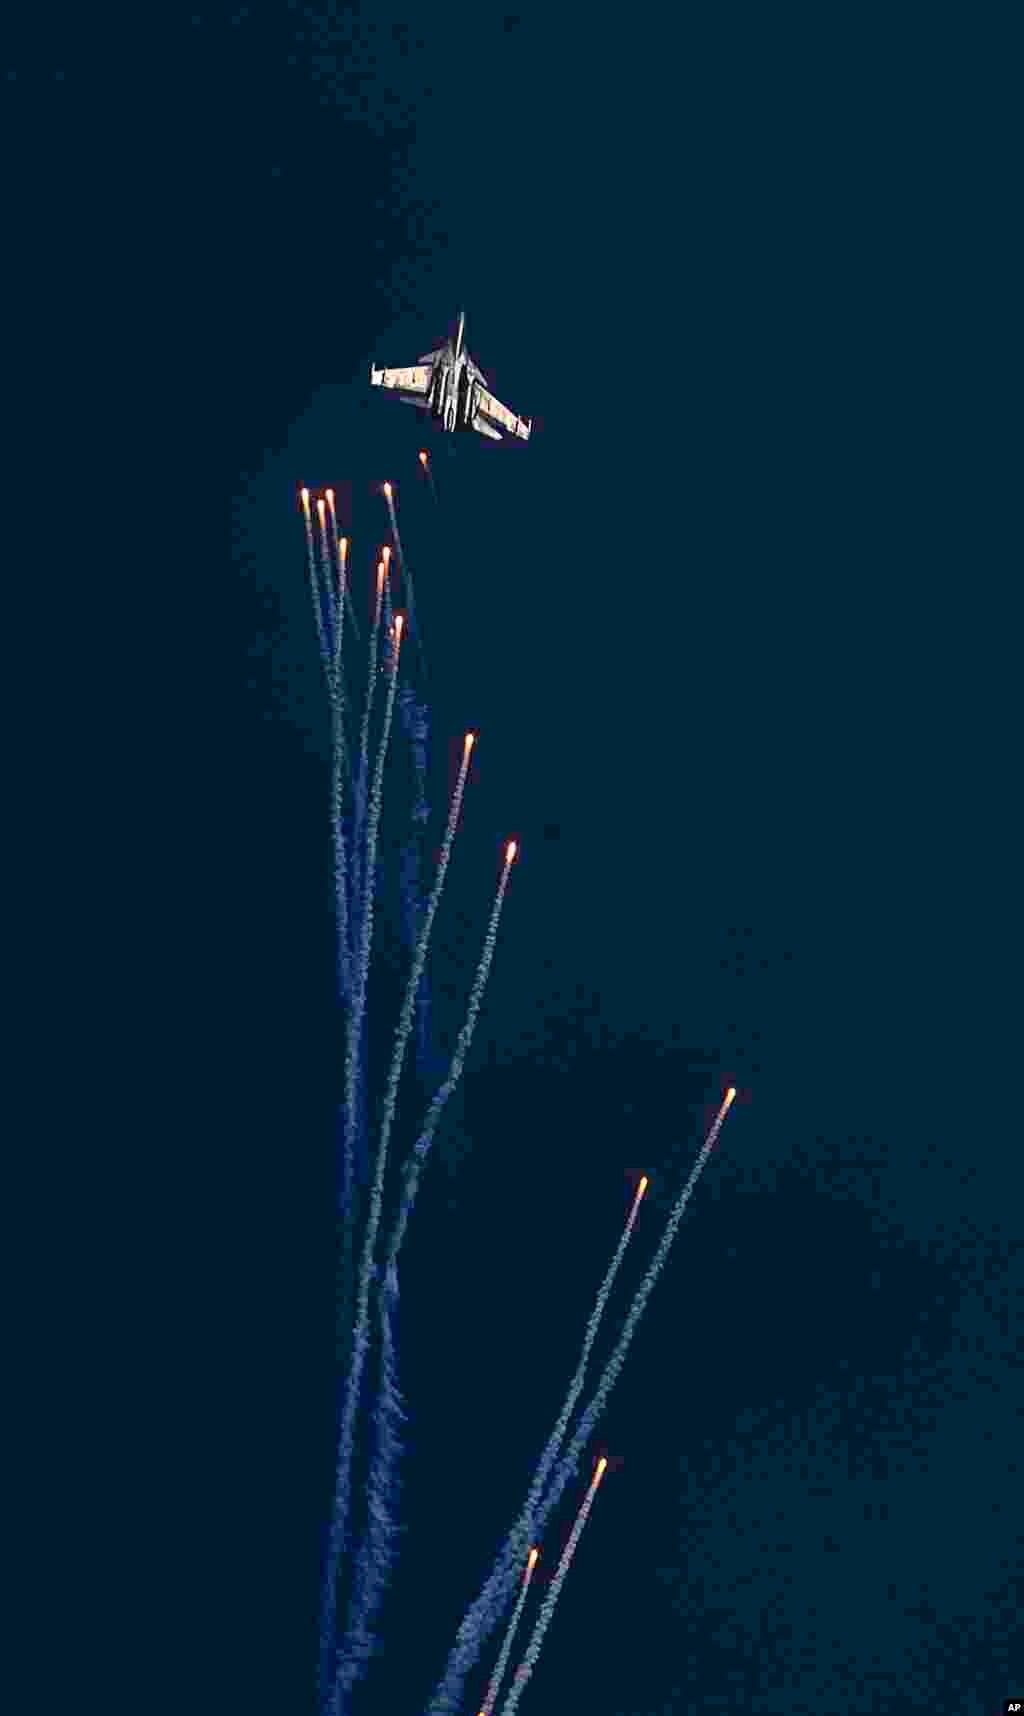 កងកម្លាំងដែនអាកាសឥណ្ឌា Sukhoi Su-30 MKI បានភ្លើងទៅលើមេឃនៅអំឡុងពេលលំហាត់ហ្វឹកហ្វឺនហោះហើរ Vertical Charlie នៅអំឡុងពេលដង្ហែក្បួន Air Force Day នៅមូលដ្ឋានទ័ពអាកាស Hindon ជិតក្រុងញូវដេលី។